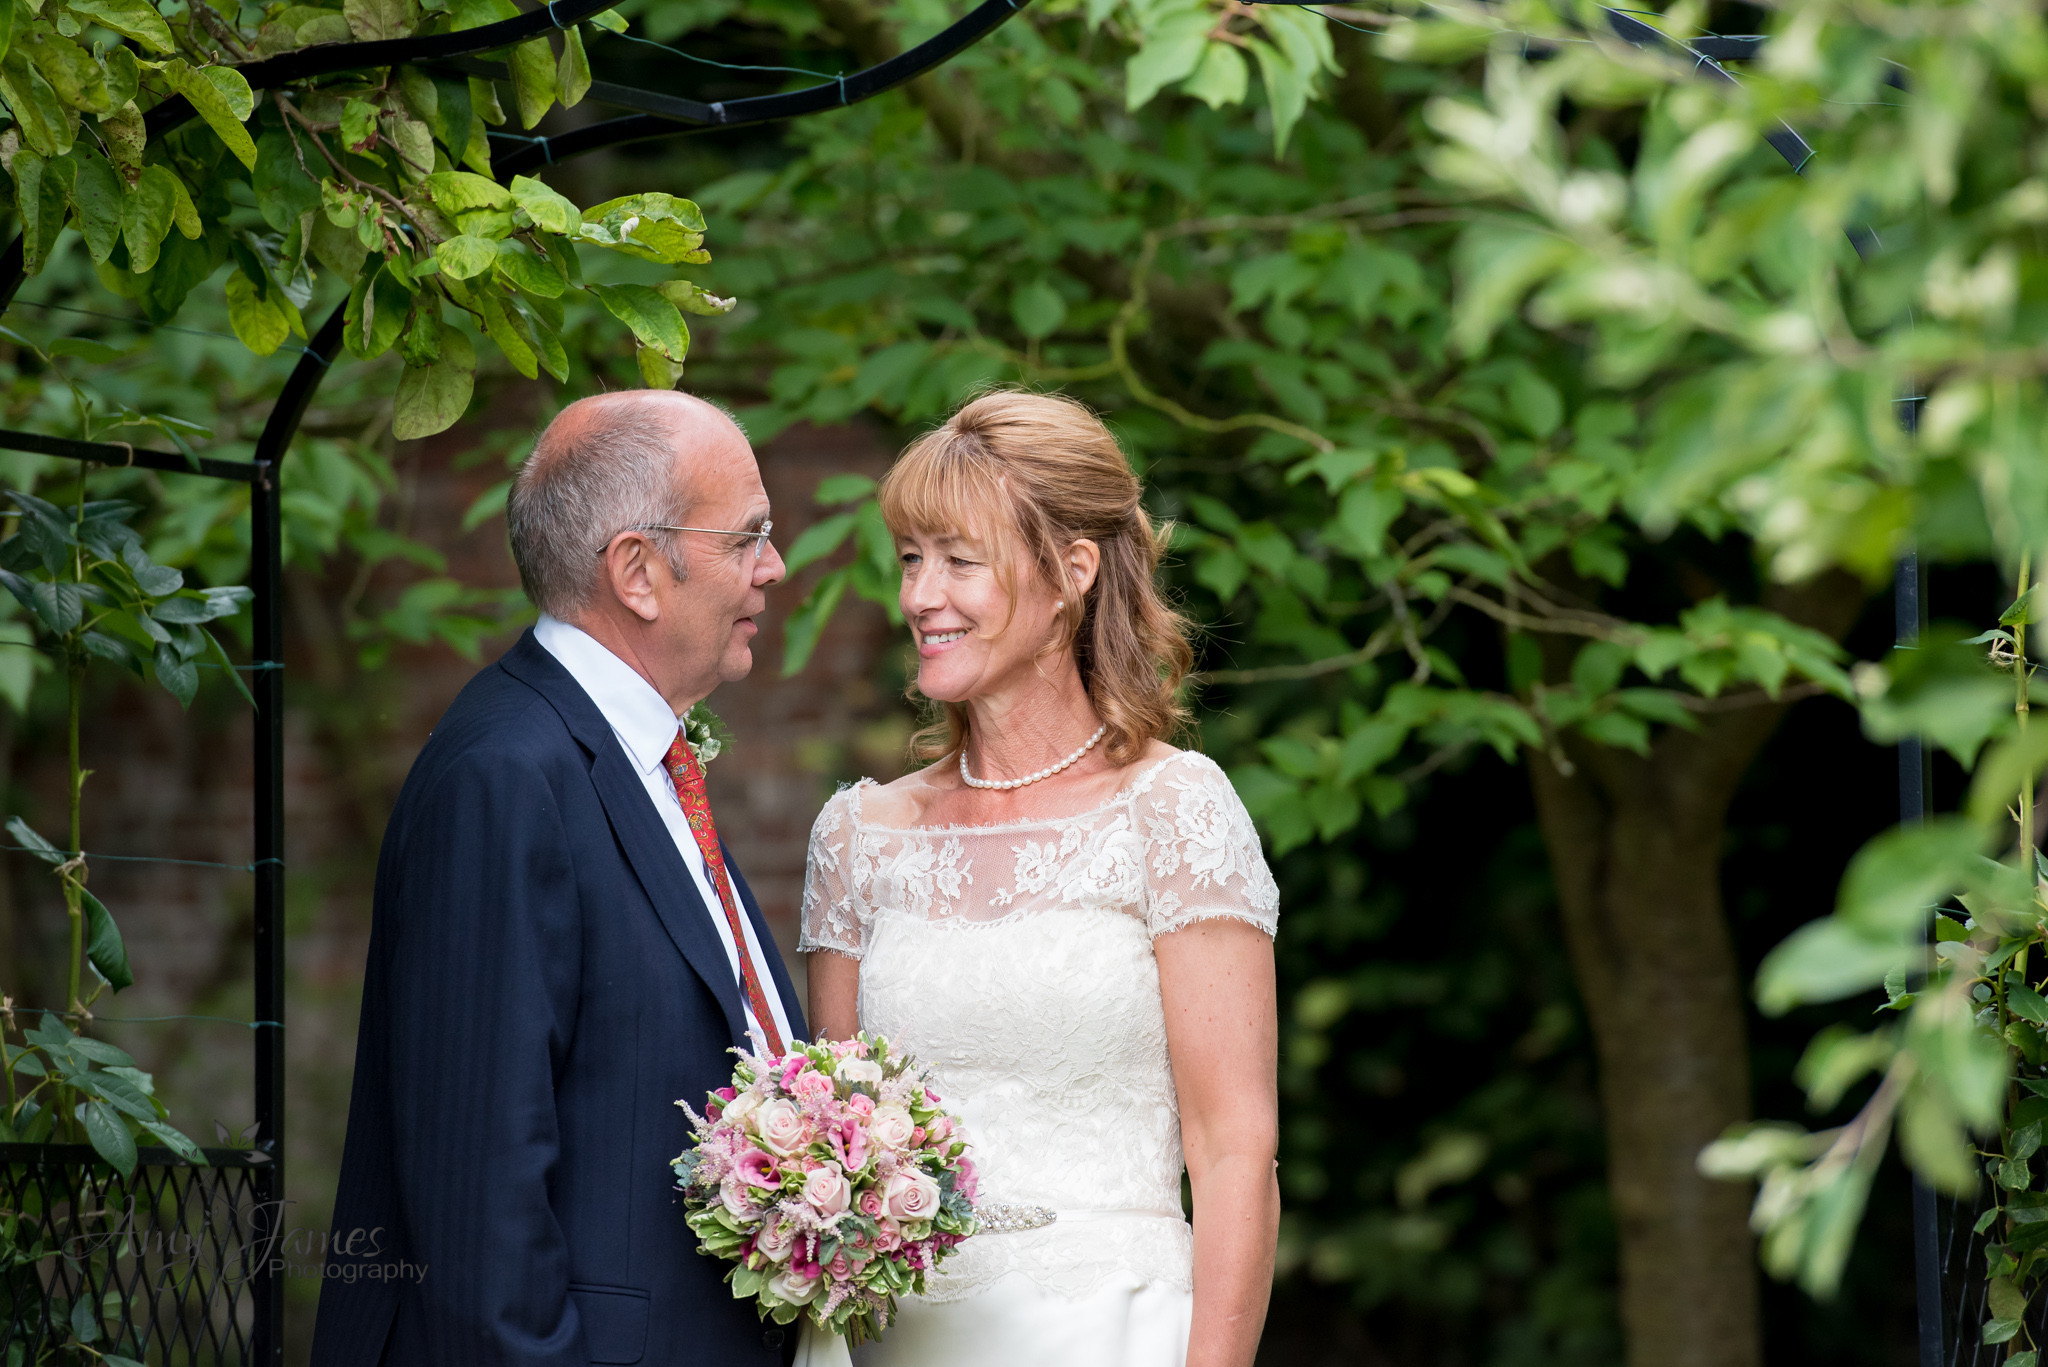 Hampshire wedding photographer / Fleet wedding photographer